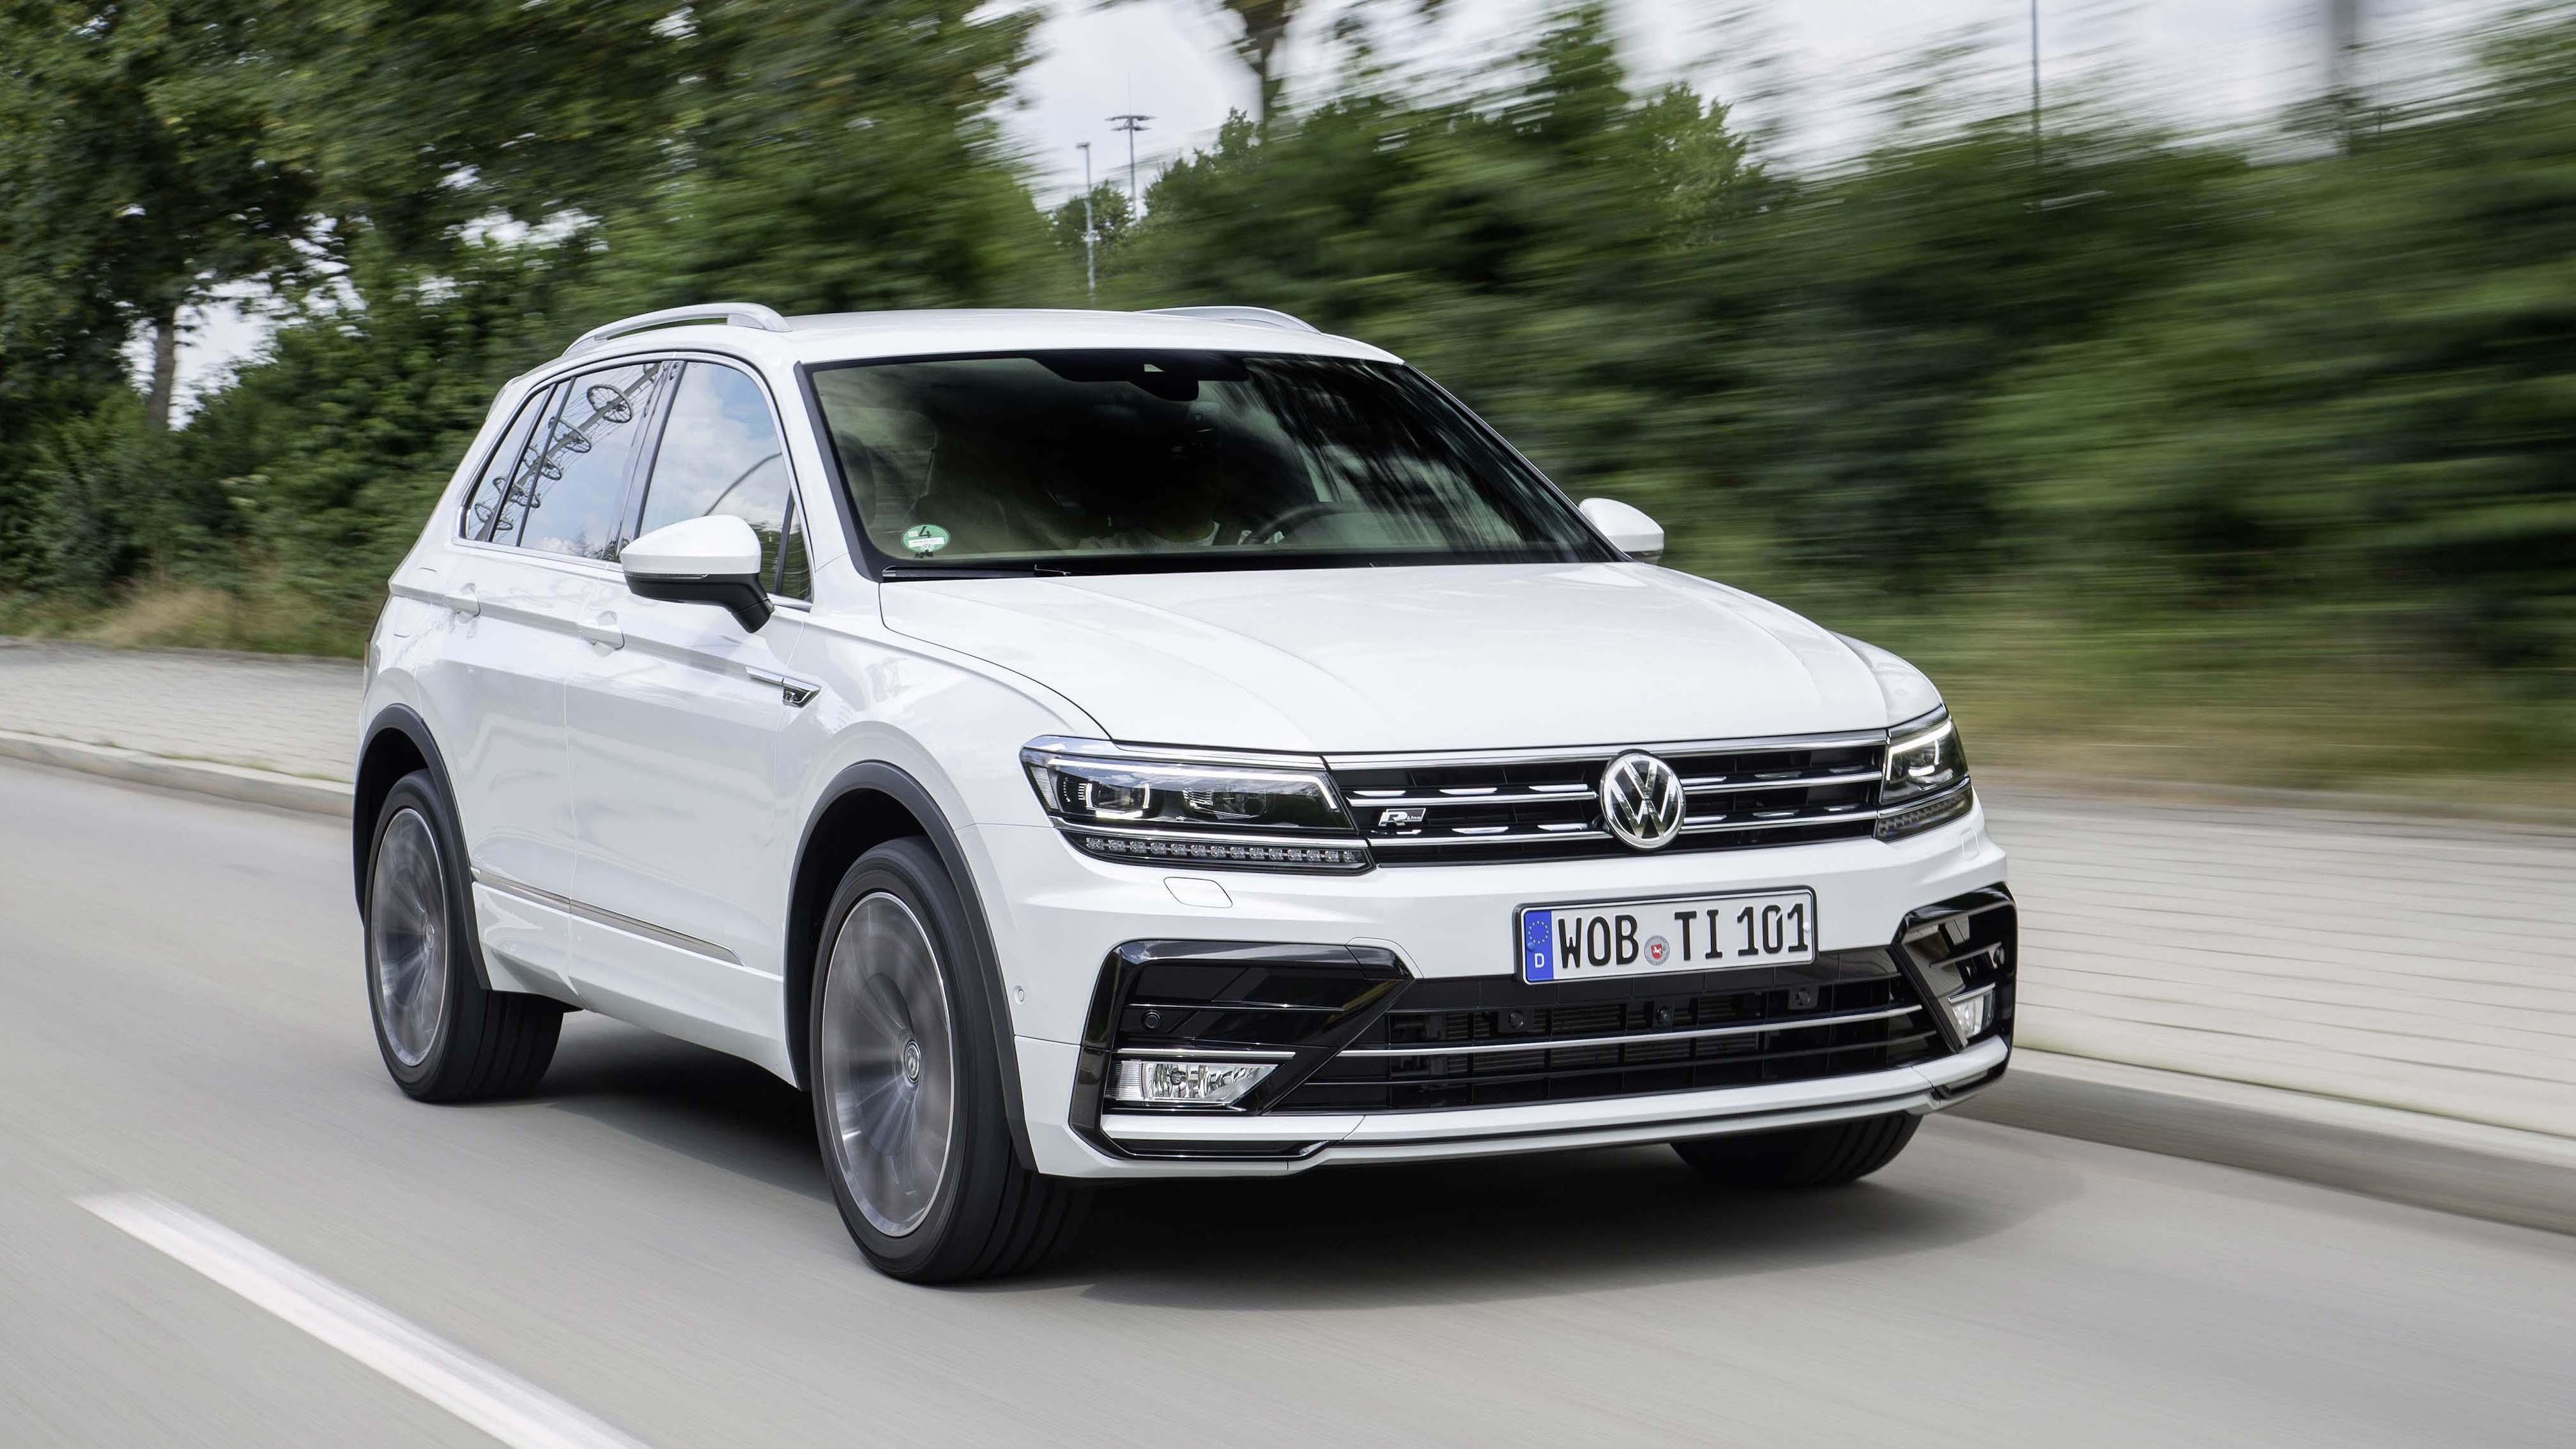 新年式 Volkswagen Tiguan/Tiguan Allspace 109.8 萬起上市,適用福斯全新保養概念 !